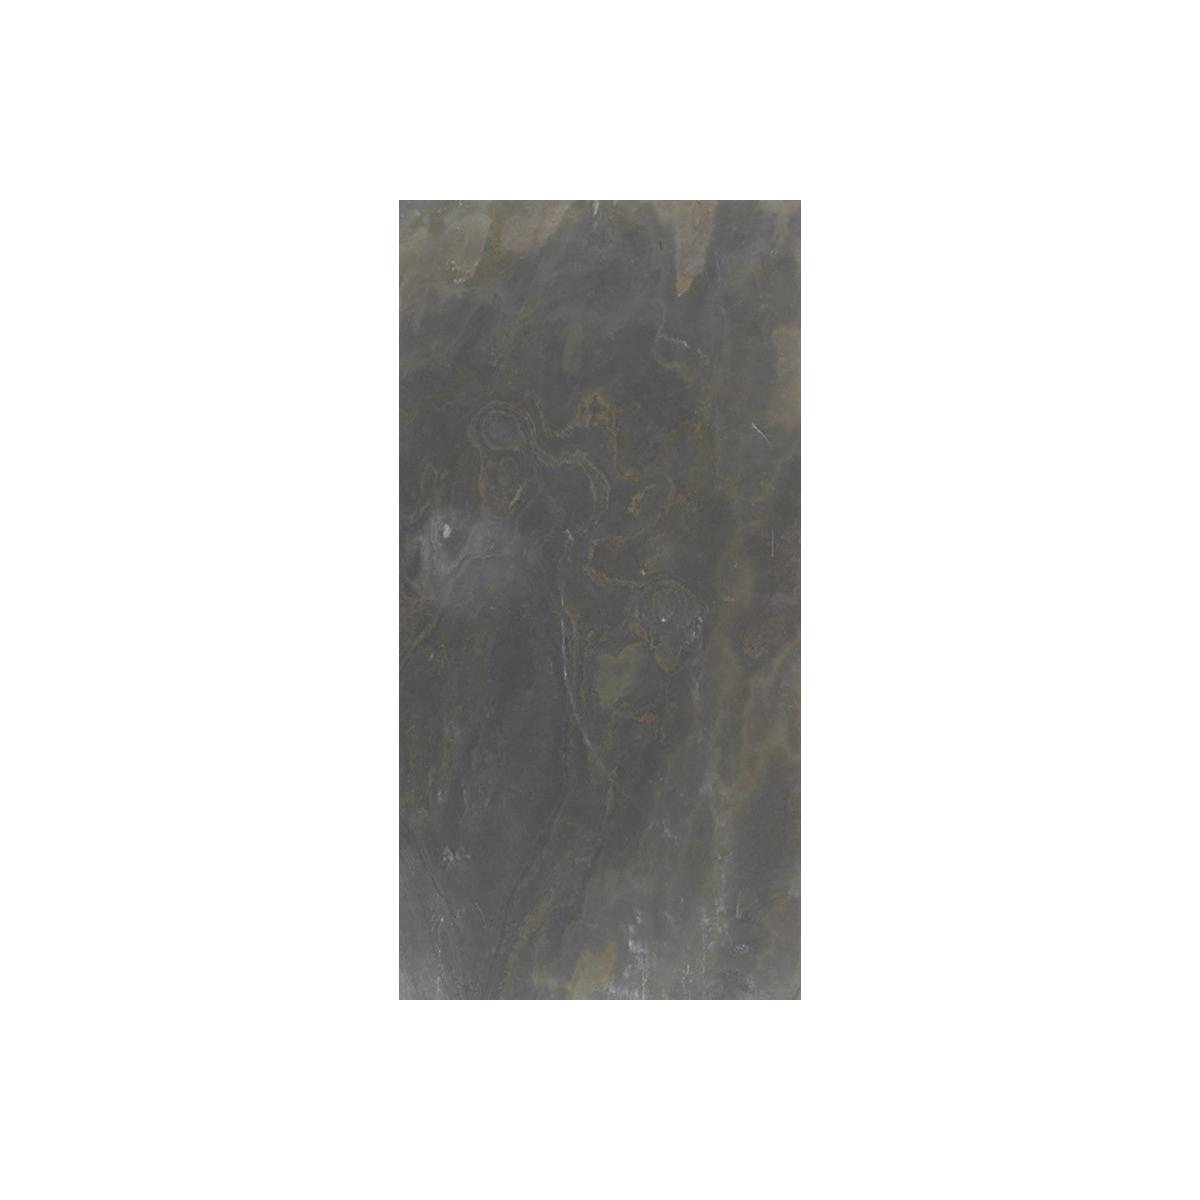 0 Pizarra natural flexible FS6012 / FT3012 (ud)